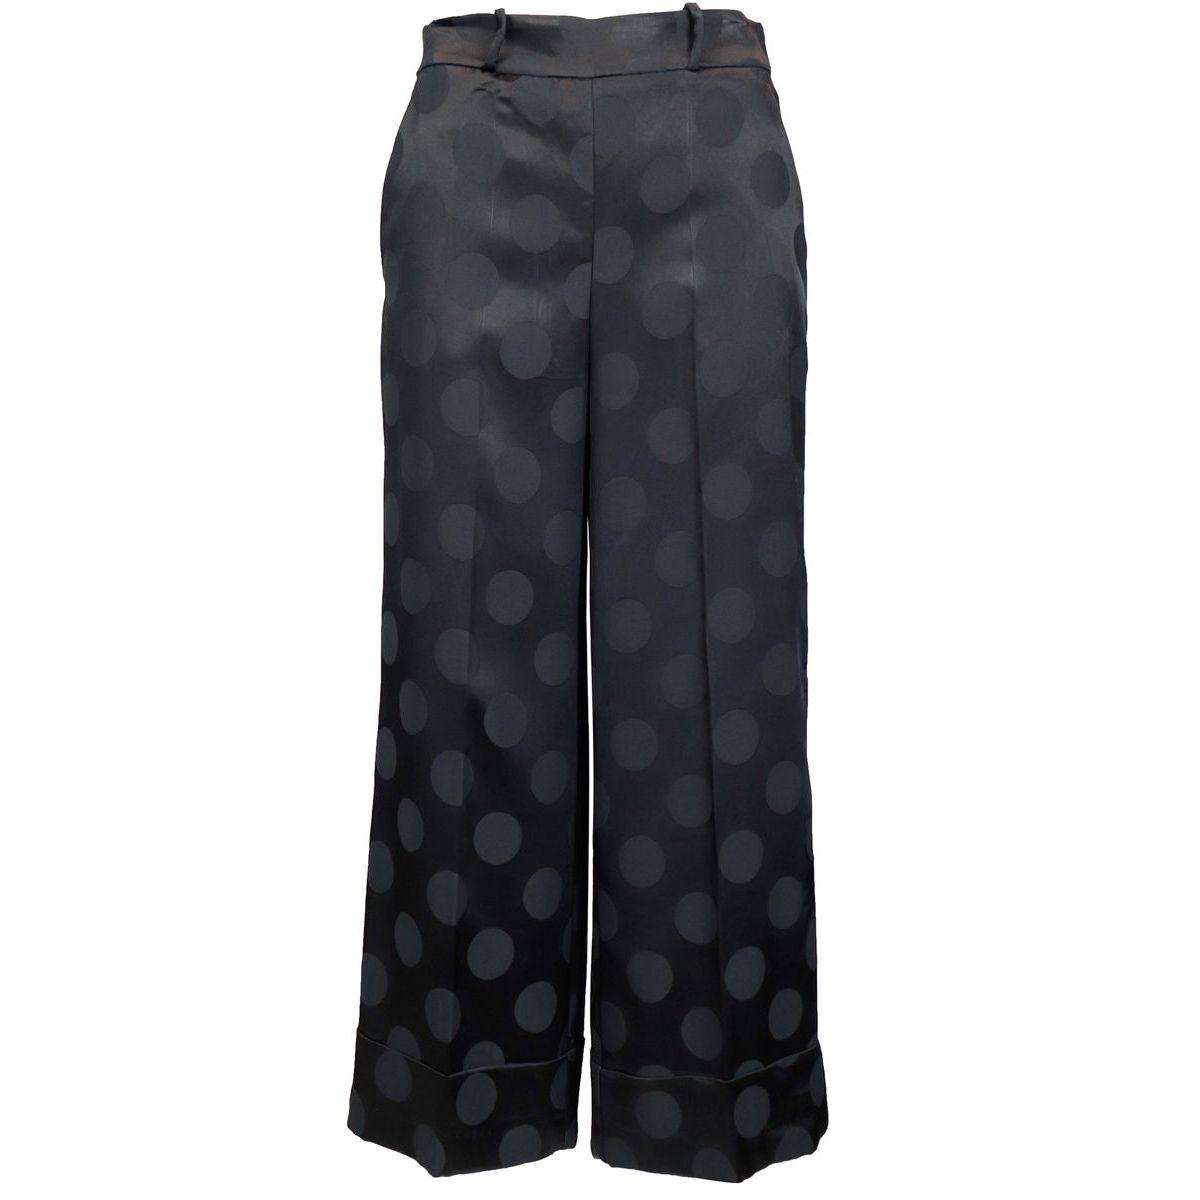 Pantalon brillant à pois ton sur ton Noir Maliparmi